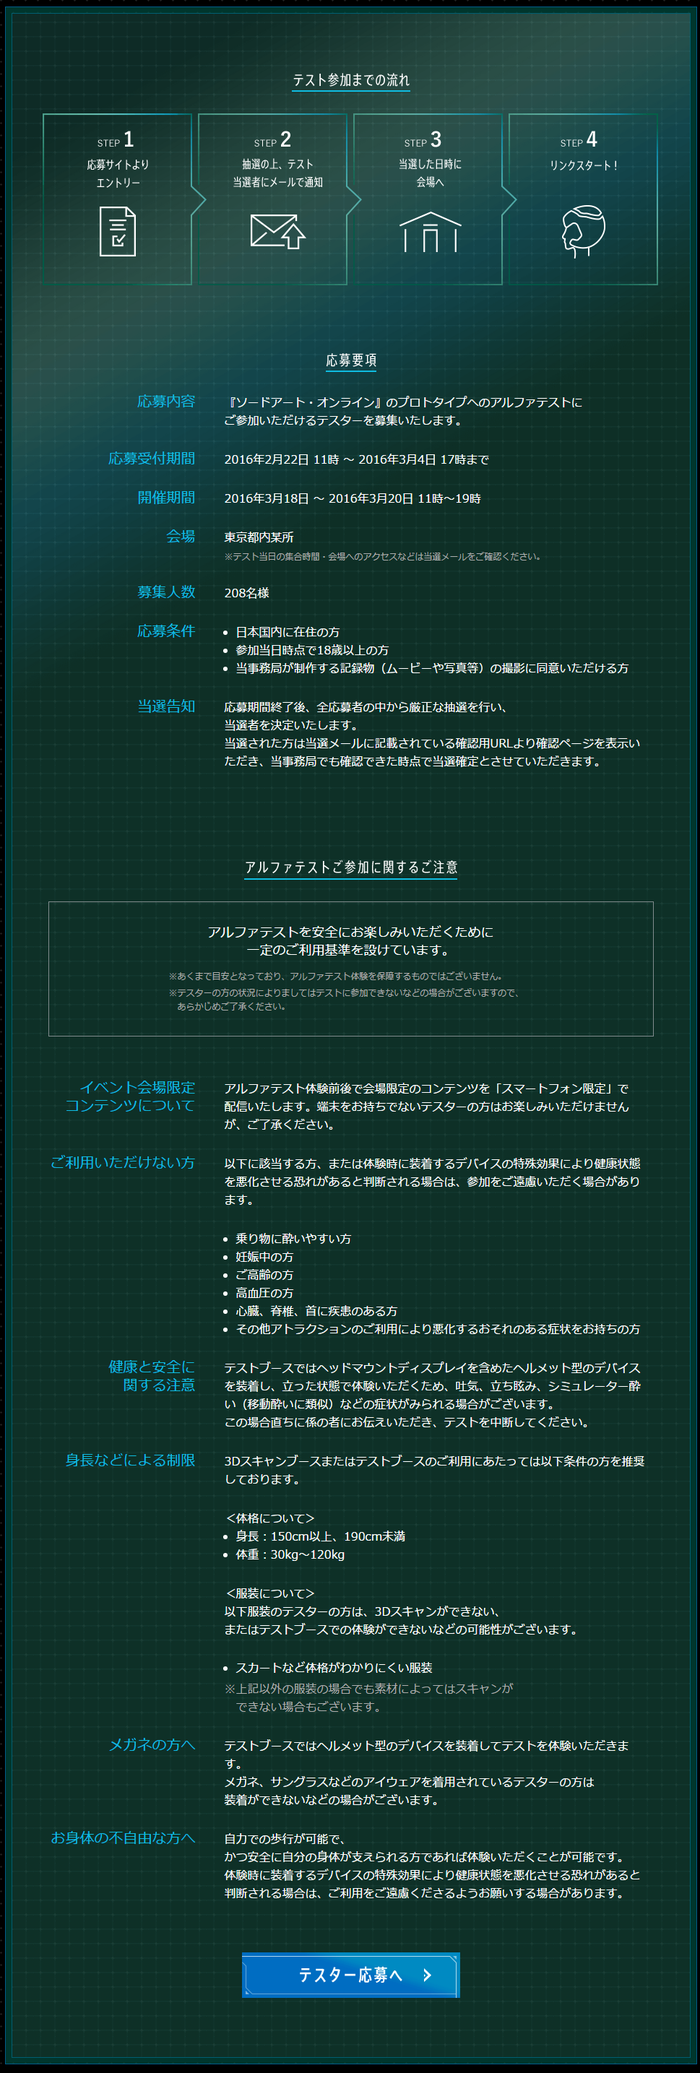 ENTRY�å����ɥ����ȡ�����饤�� �����ӥ��˥� Sponsored by IBM4